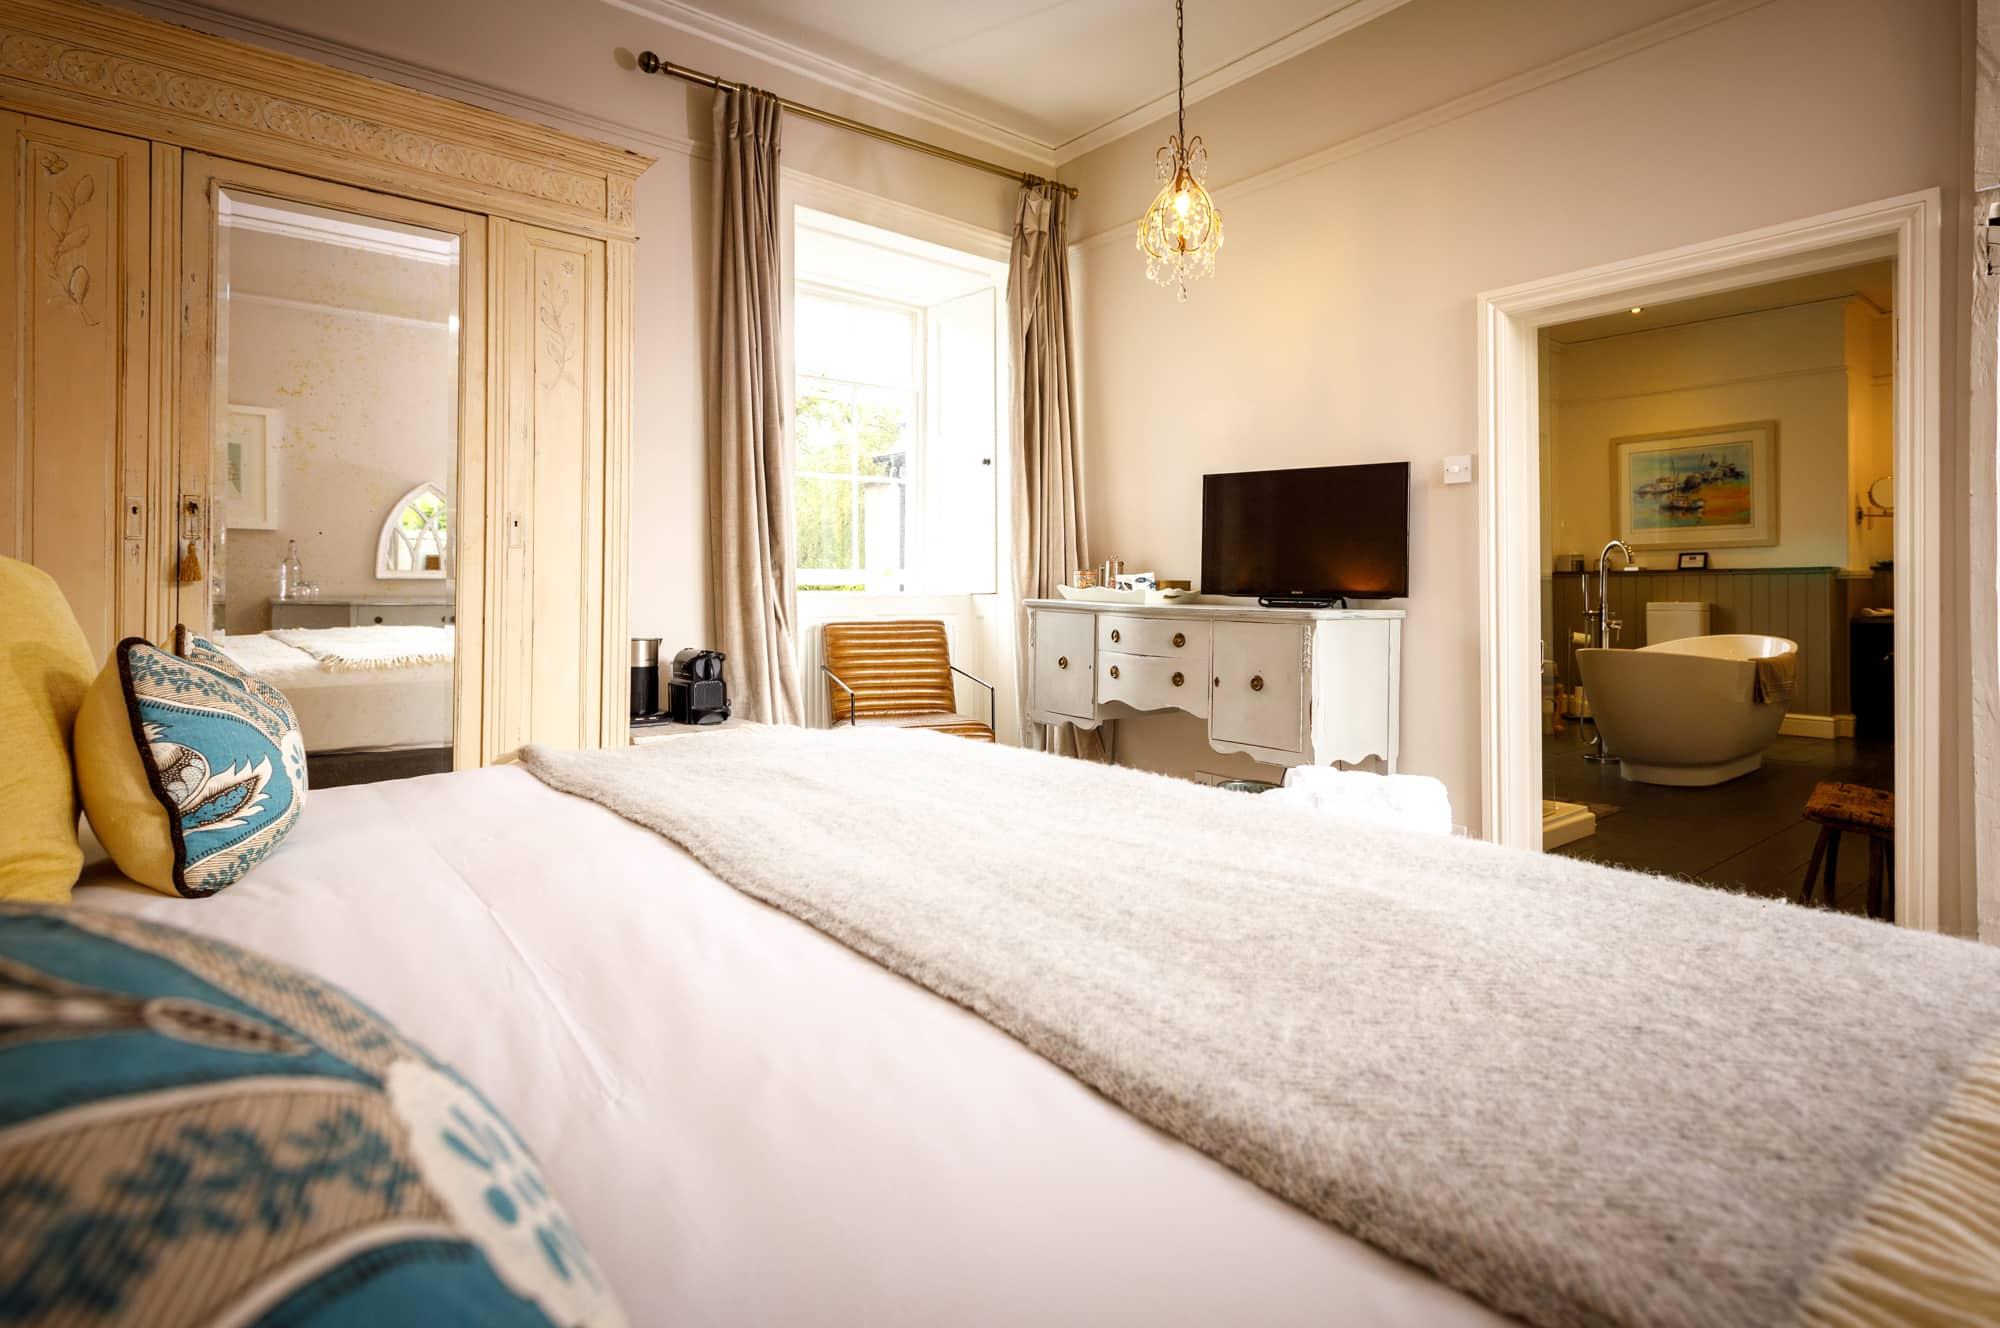 Porthilly - bedroom HERO-pichi